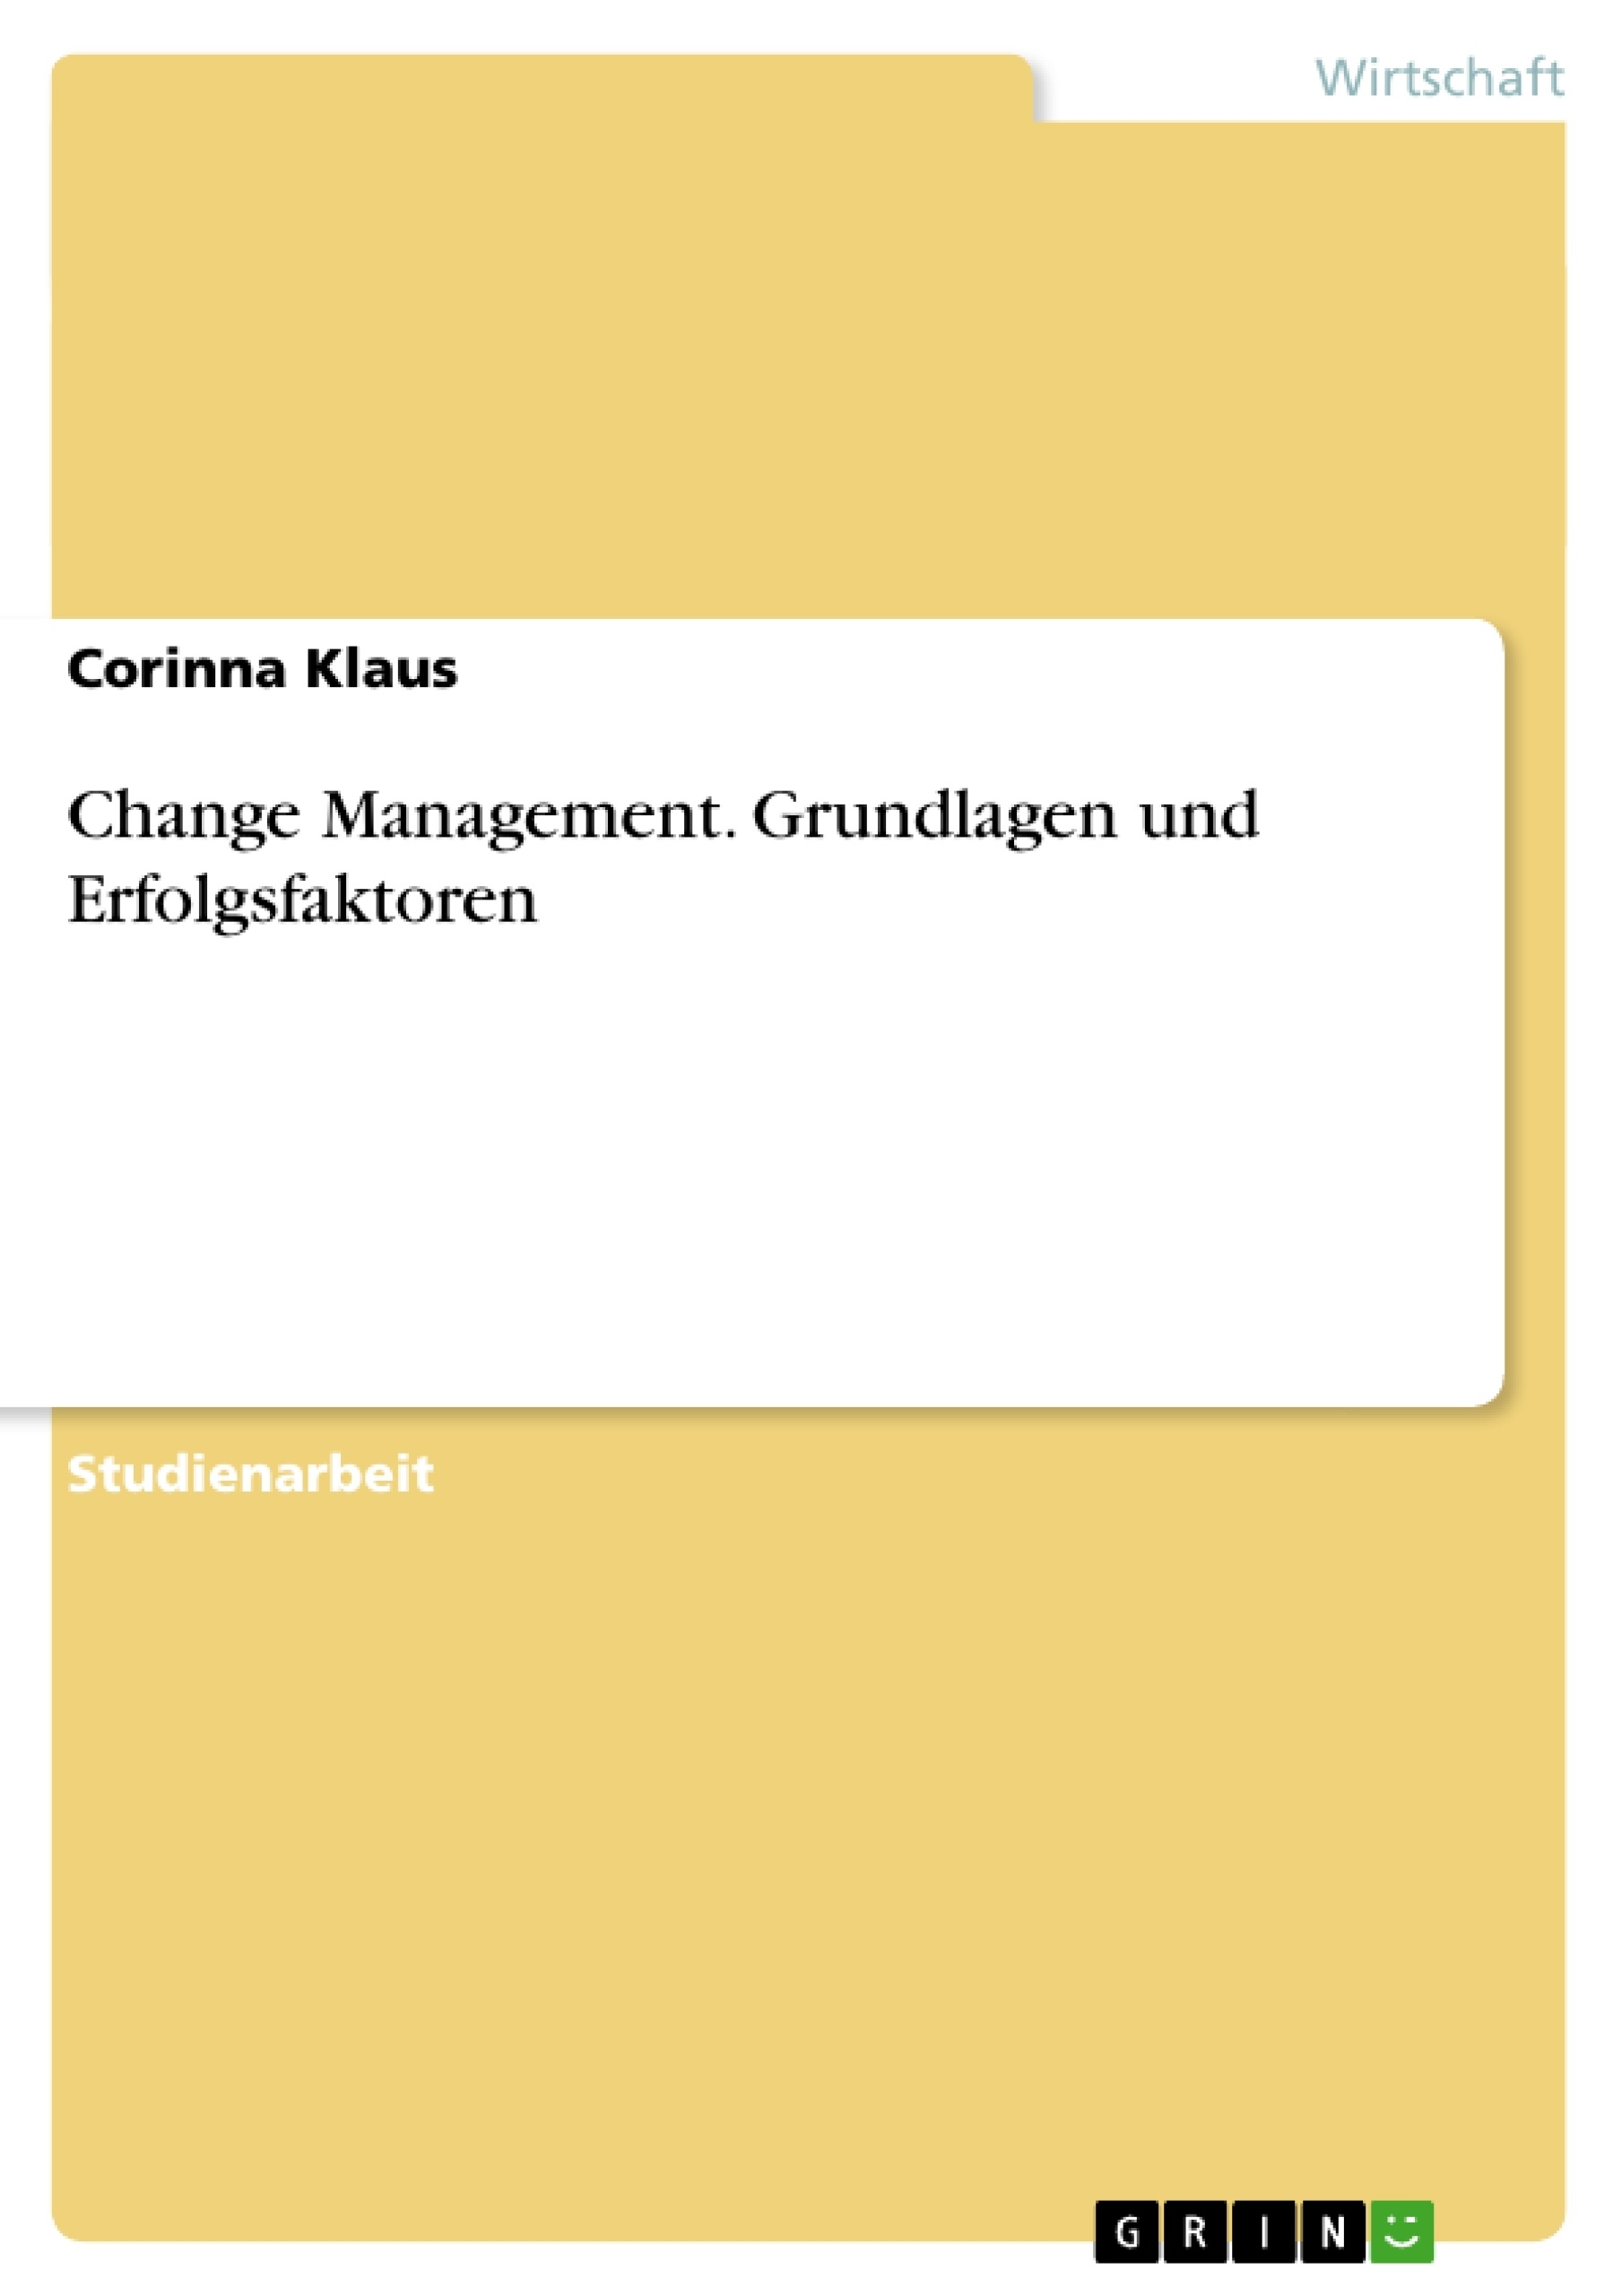 Titel: Change Management. Grundlagen und Erfolgsfaktoren